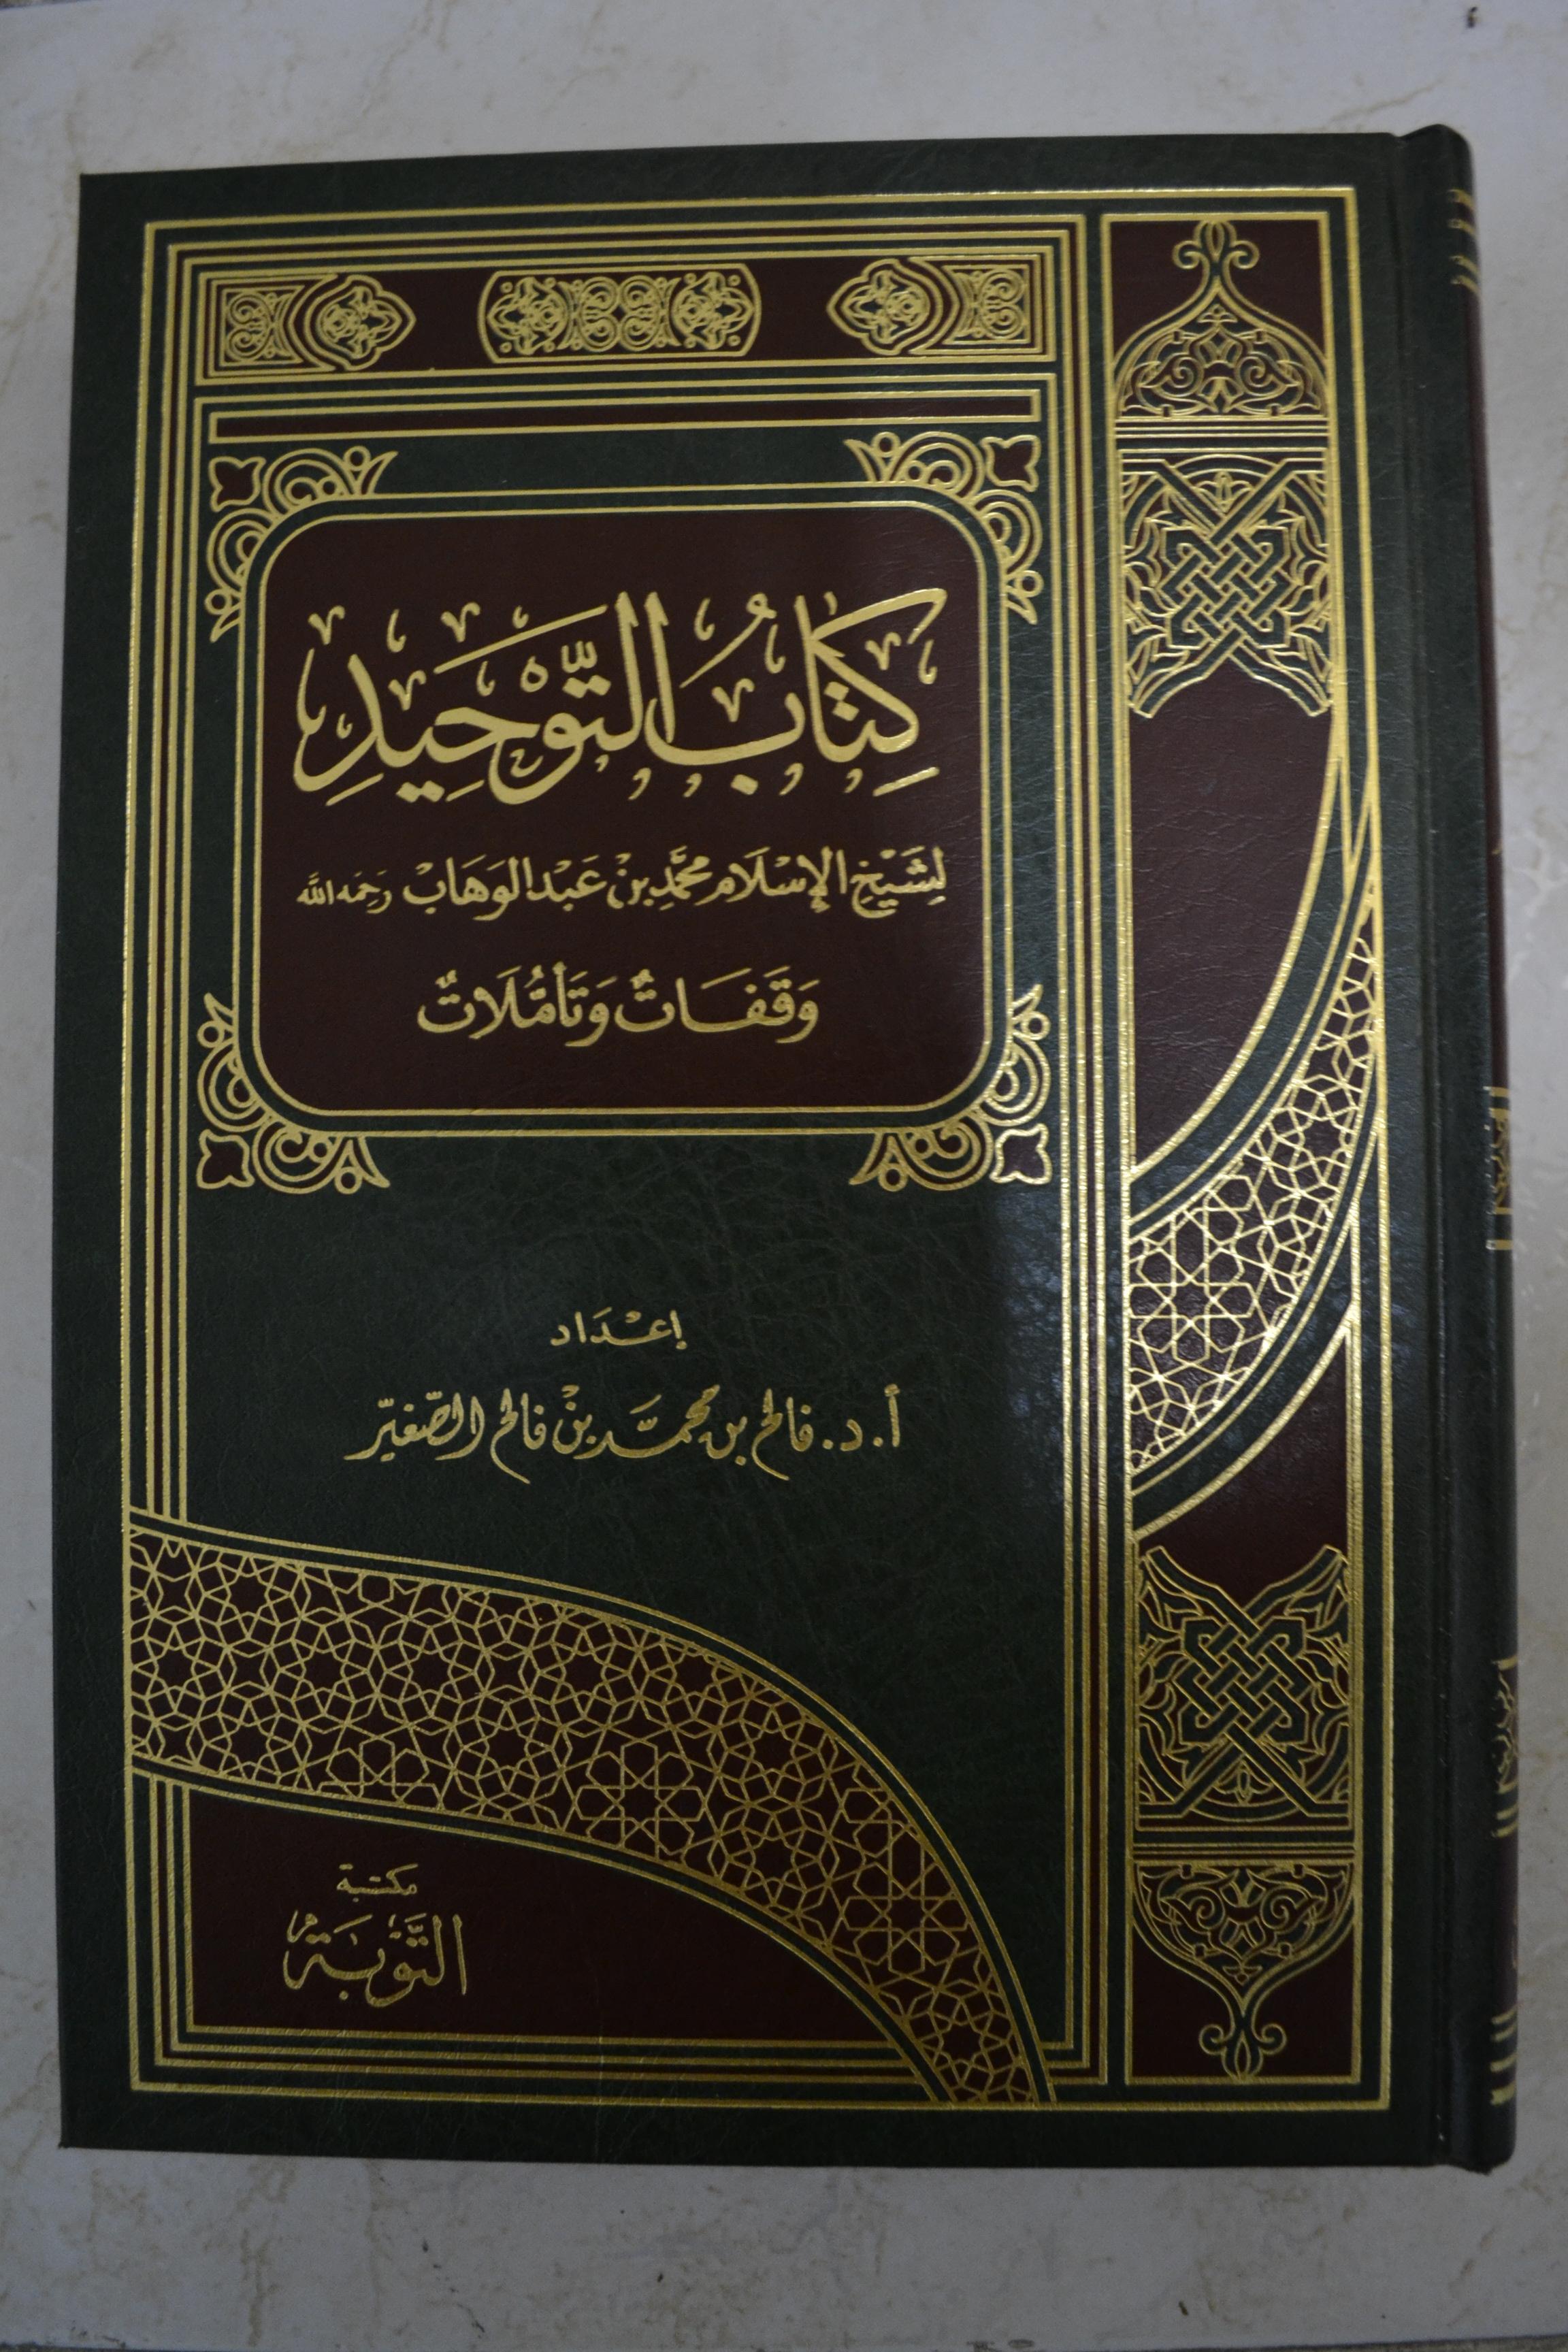 كتاب التوحيد لمحمد بن عبد الوهاب pdf